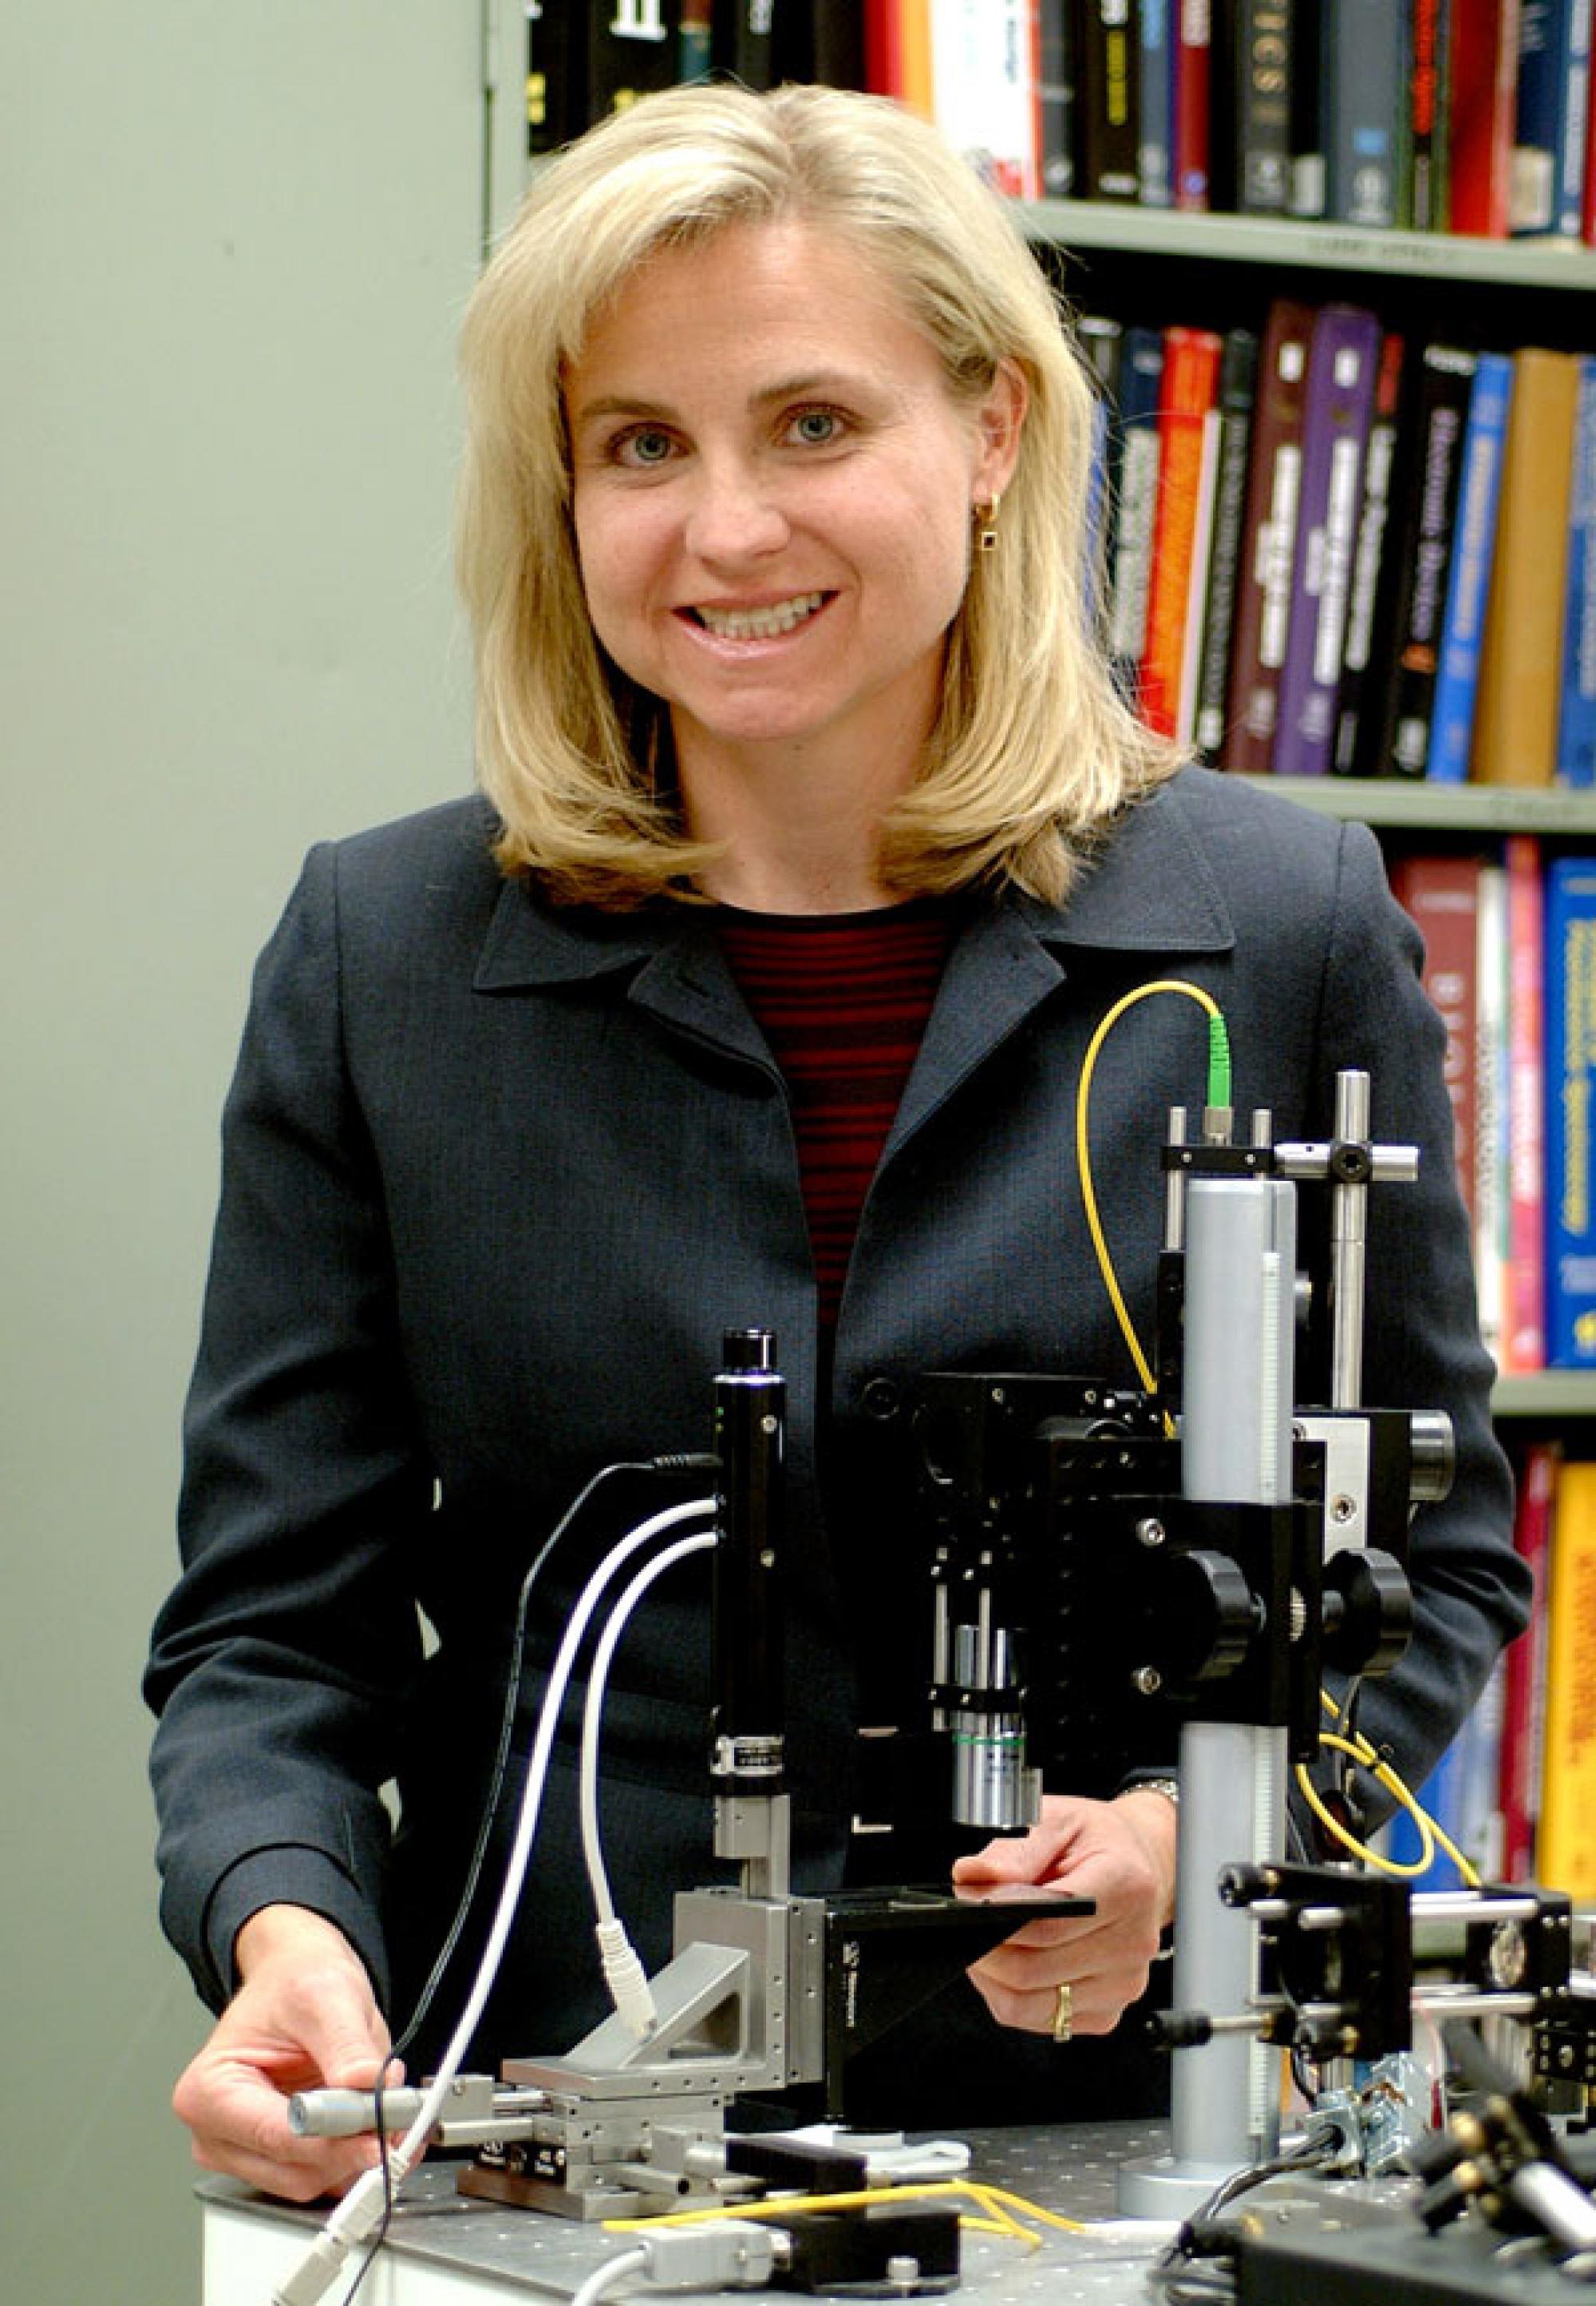 Jennifer Barton